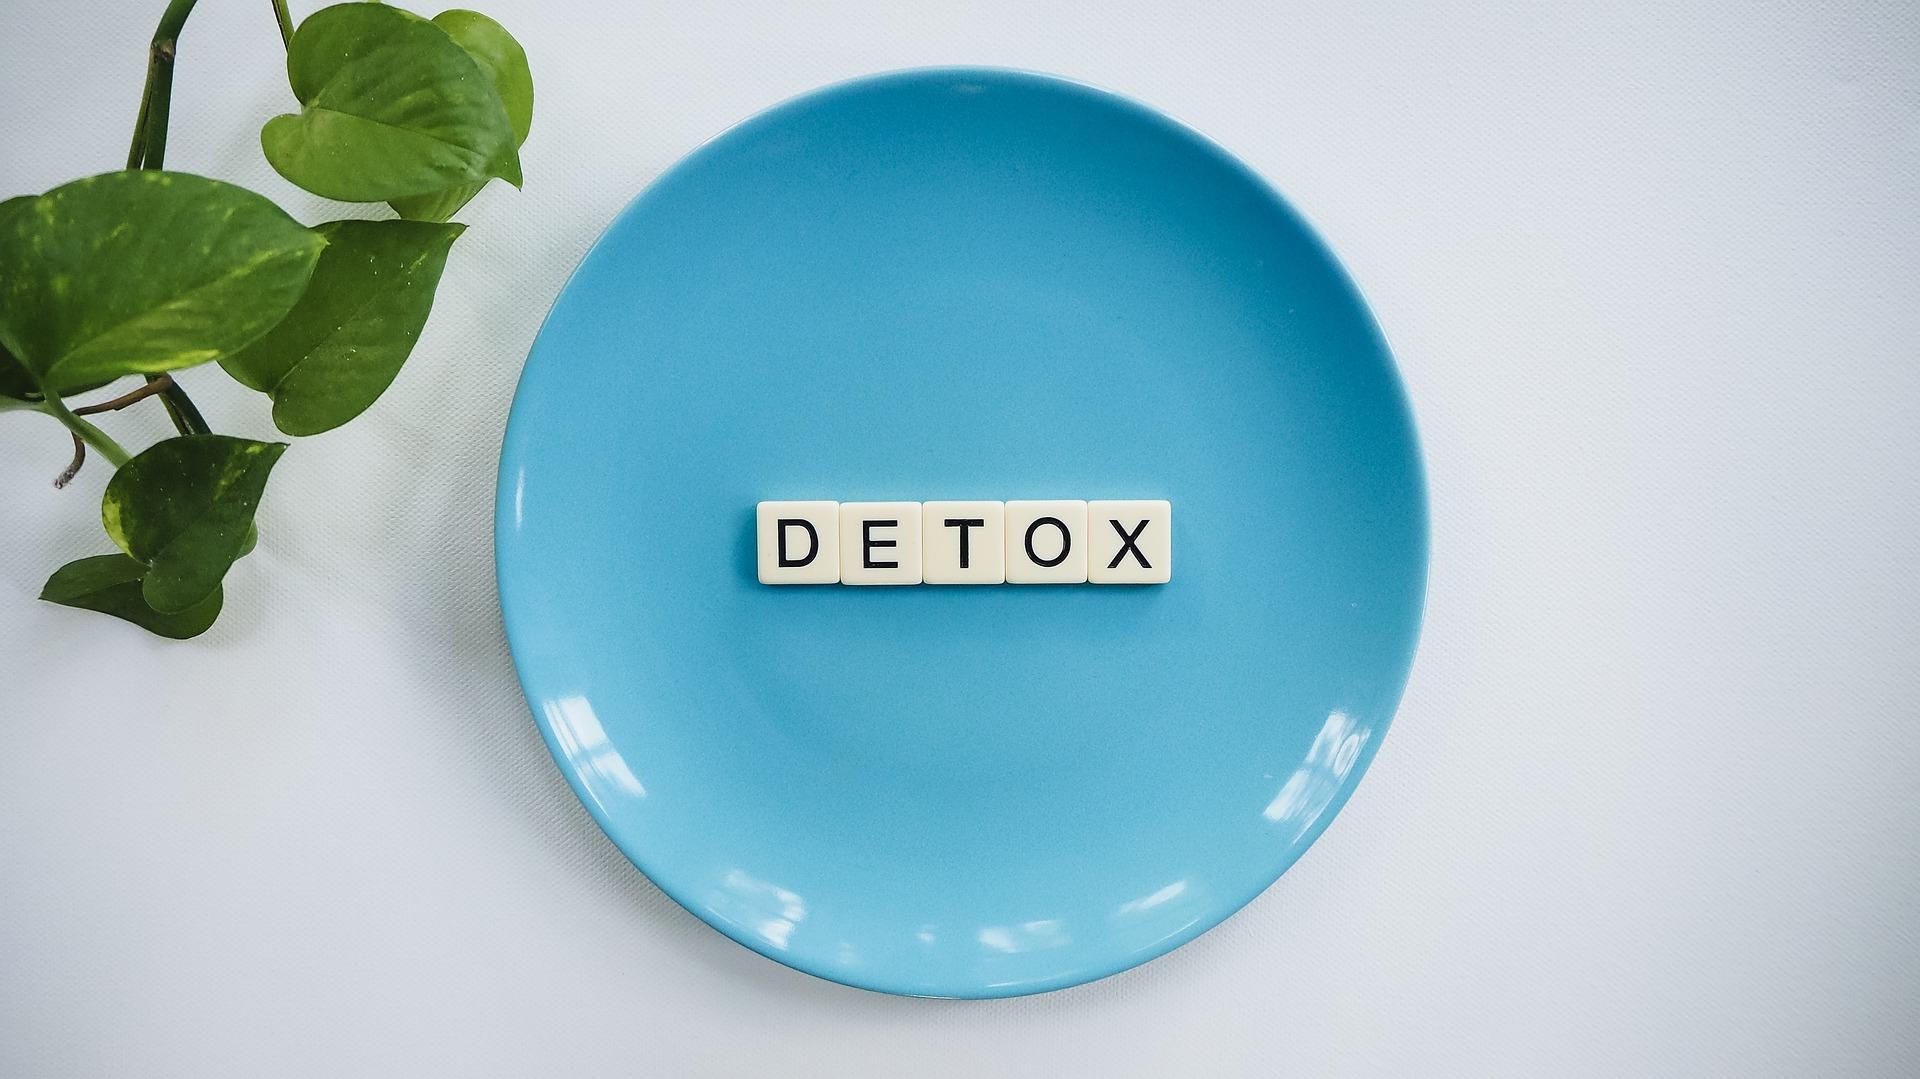 comment éliminer les dépôts graisseux maintenir le poids perdre la graisse du ventre